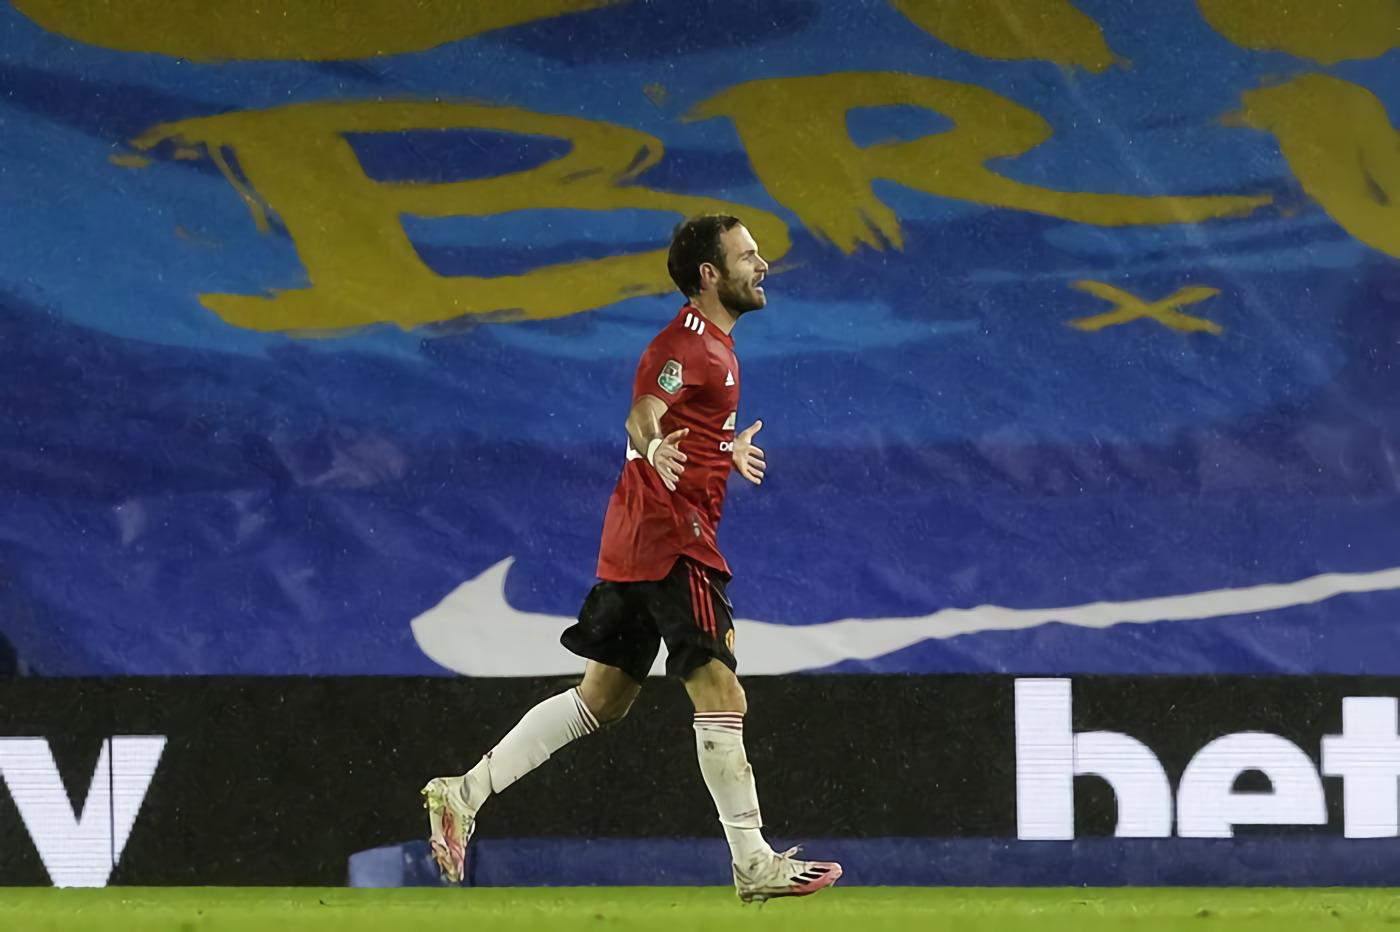 Juan Mata Tetap Bisa Bermain Bagus!